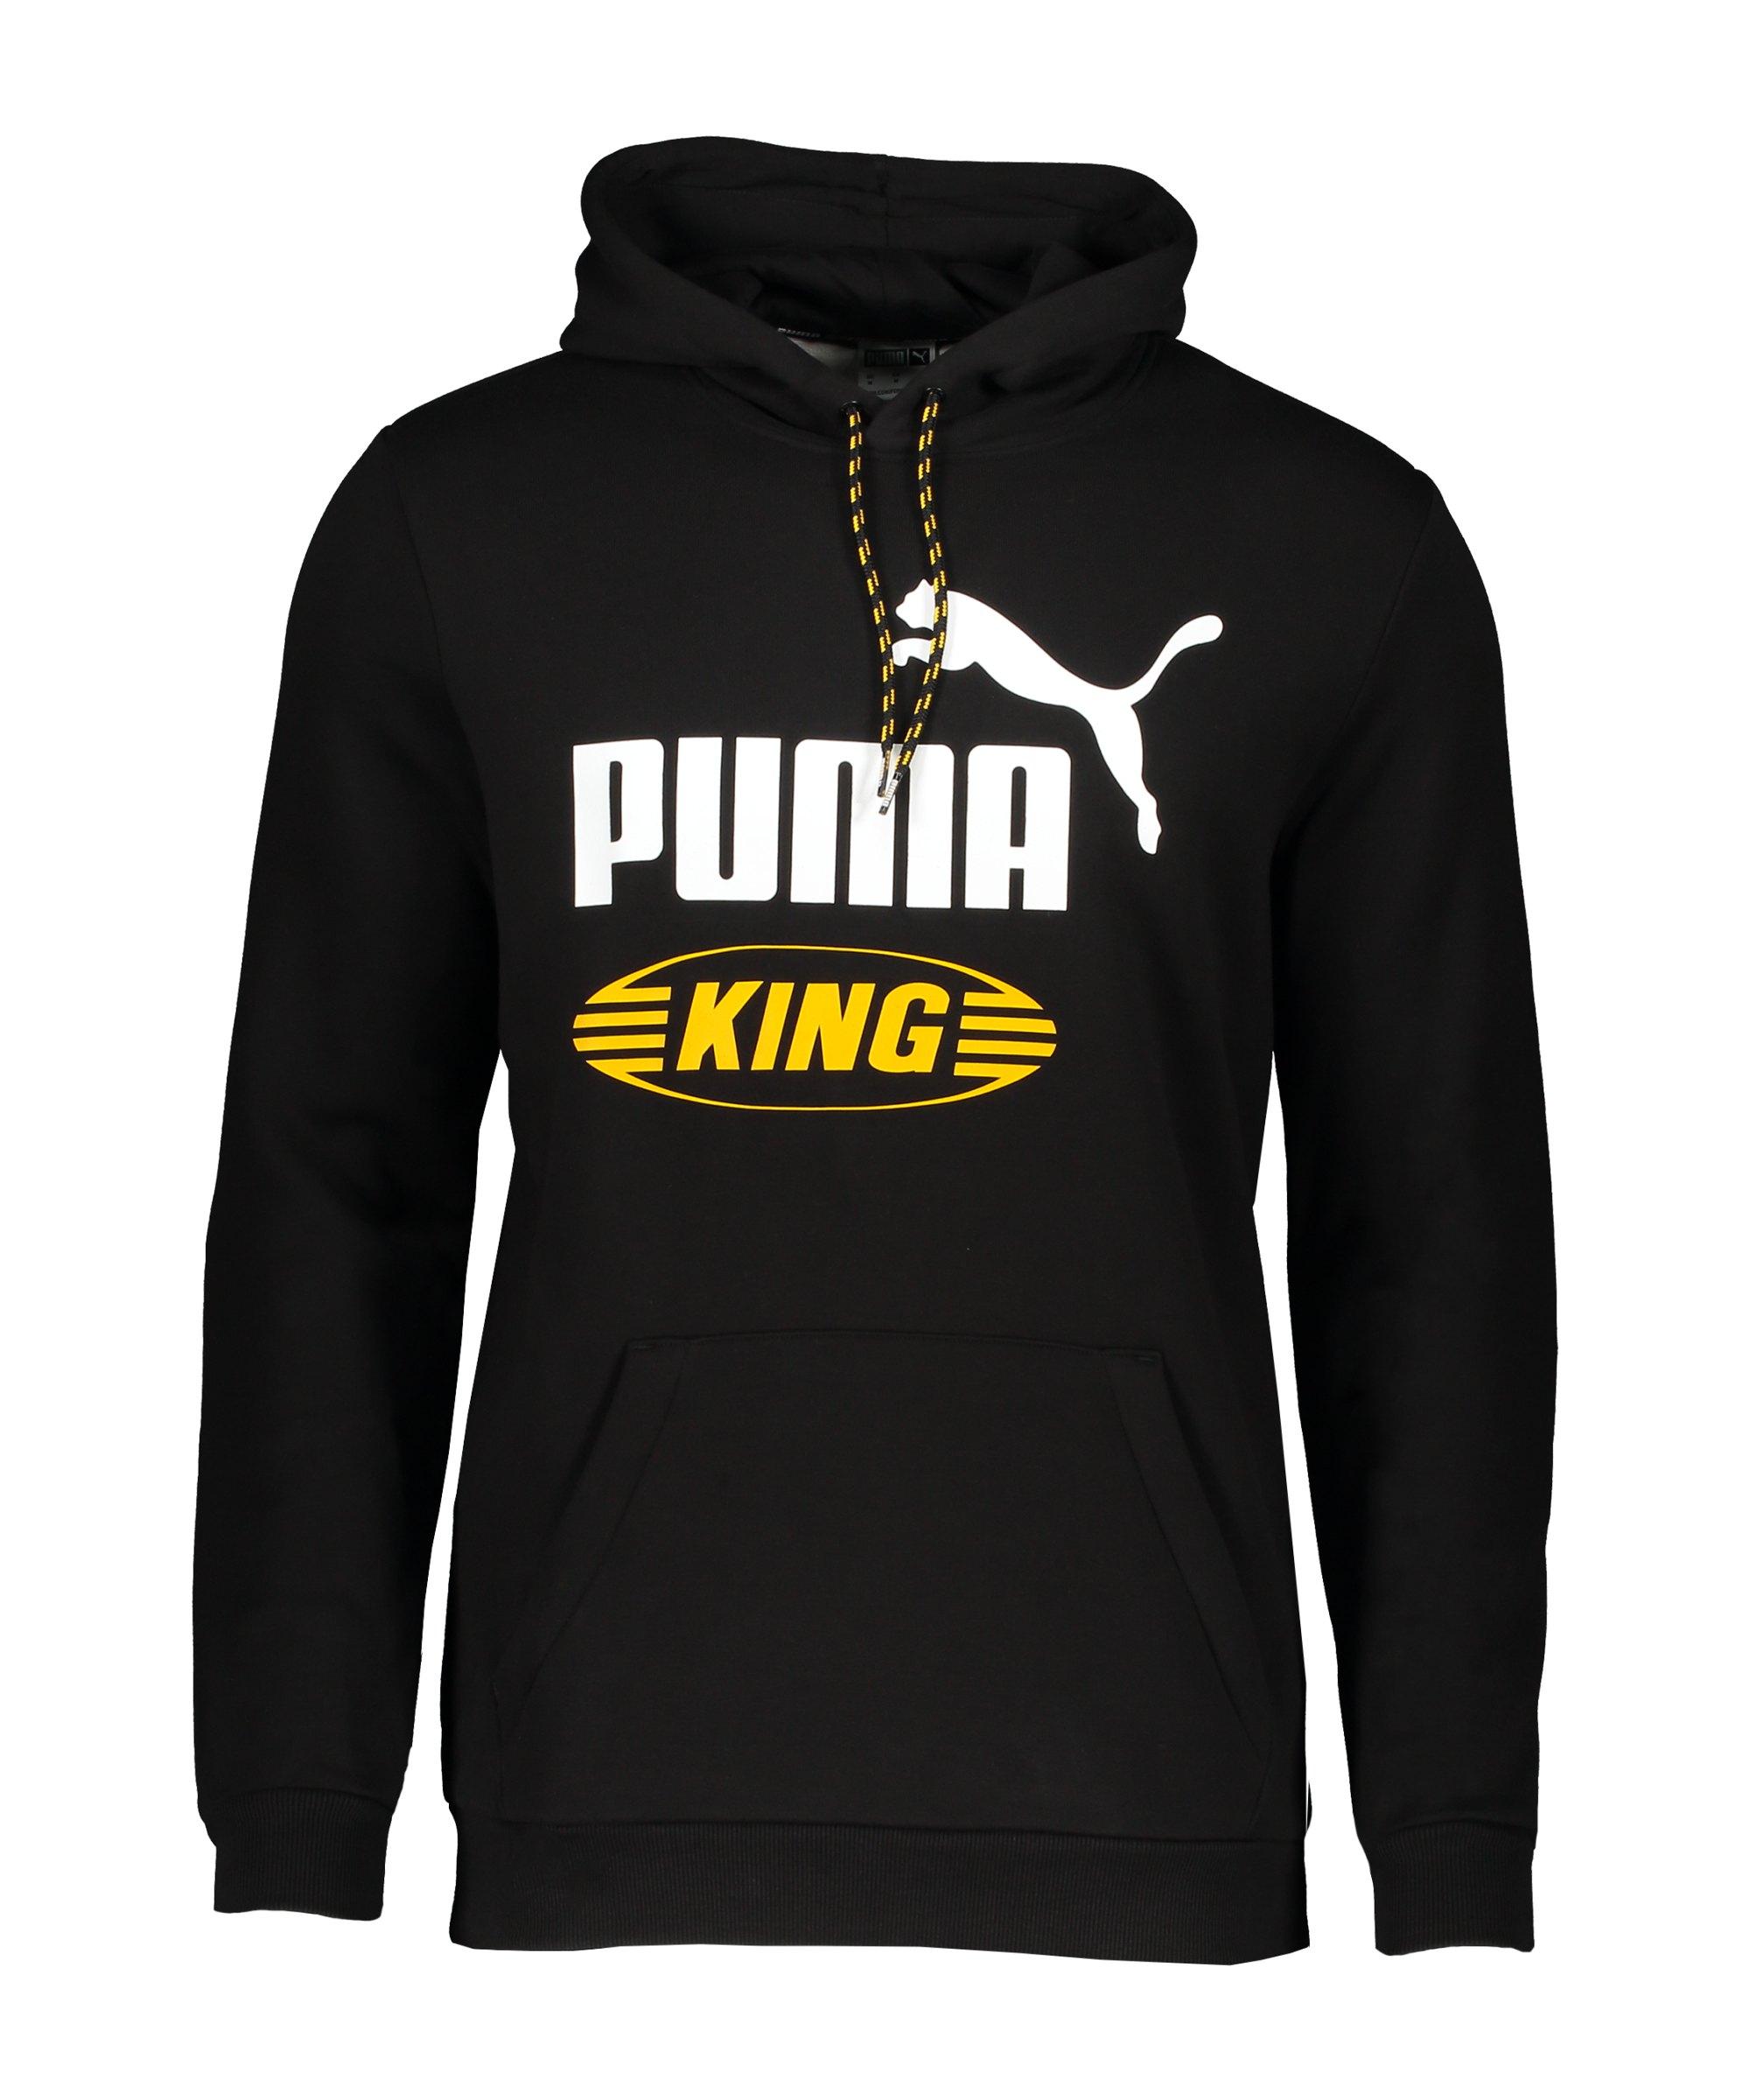 PUMA Iconic KING Hoody Schwarz F01 - schwarz